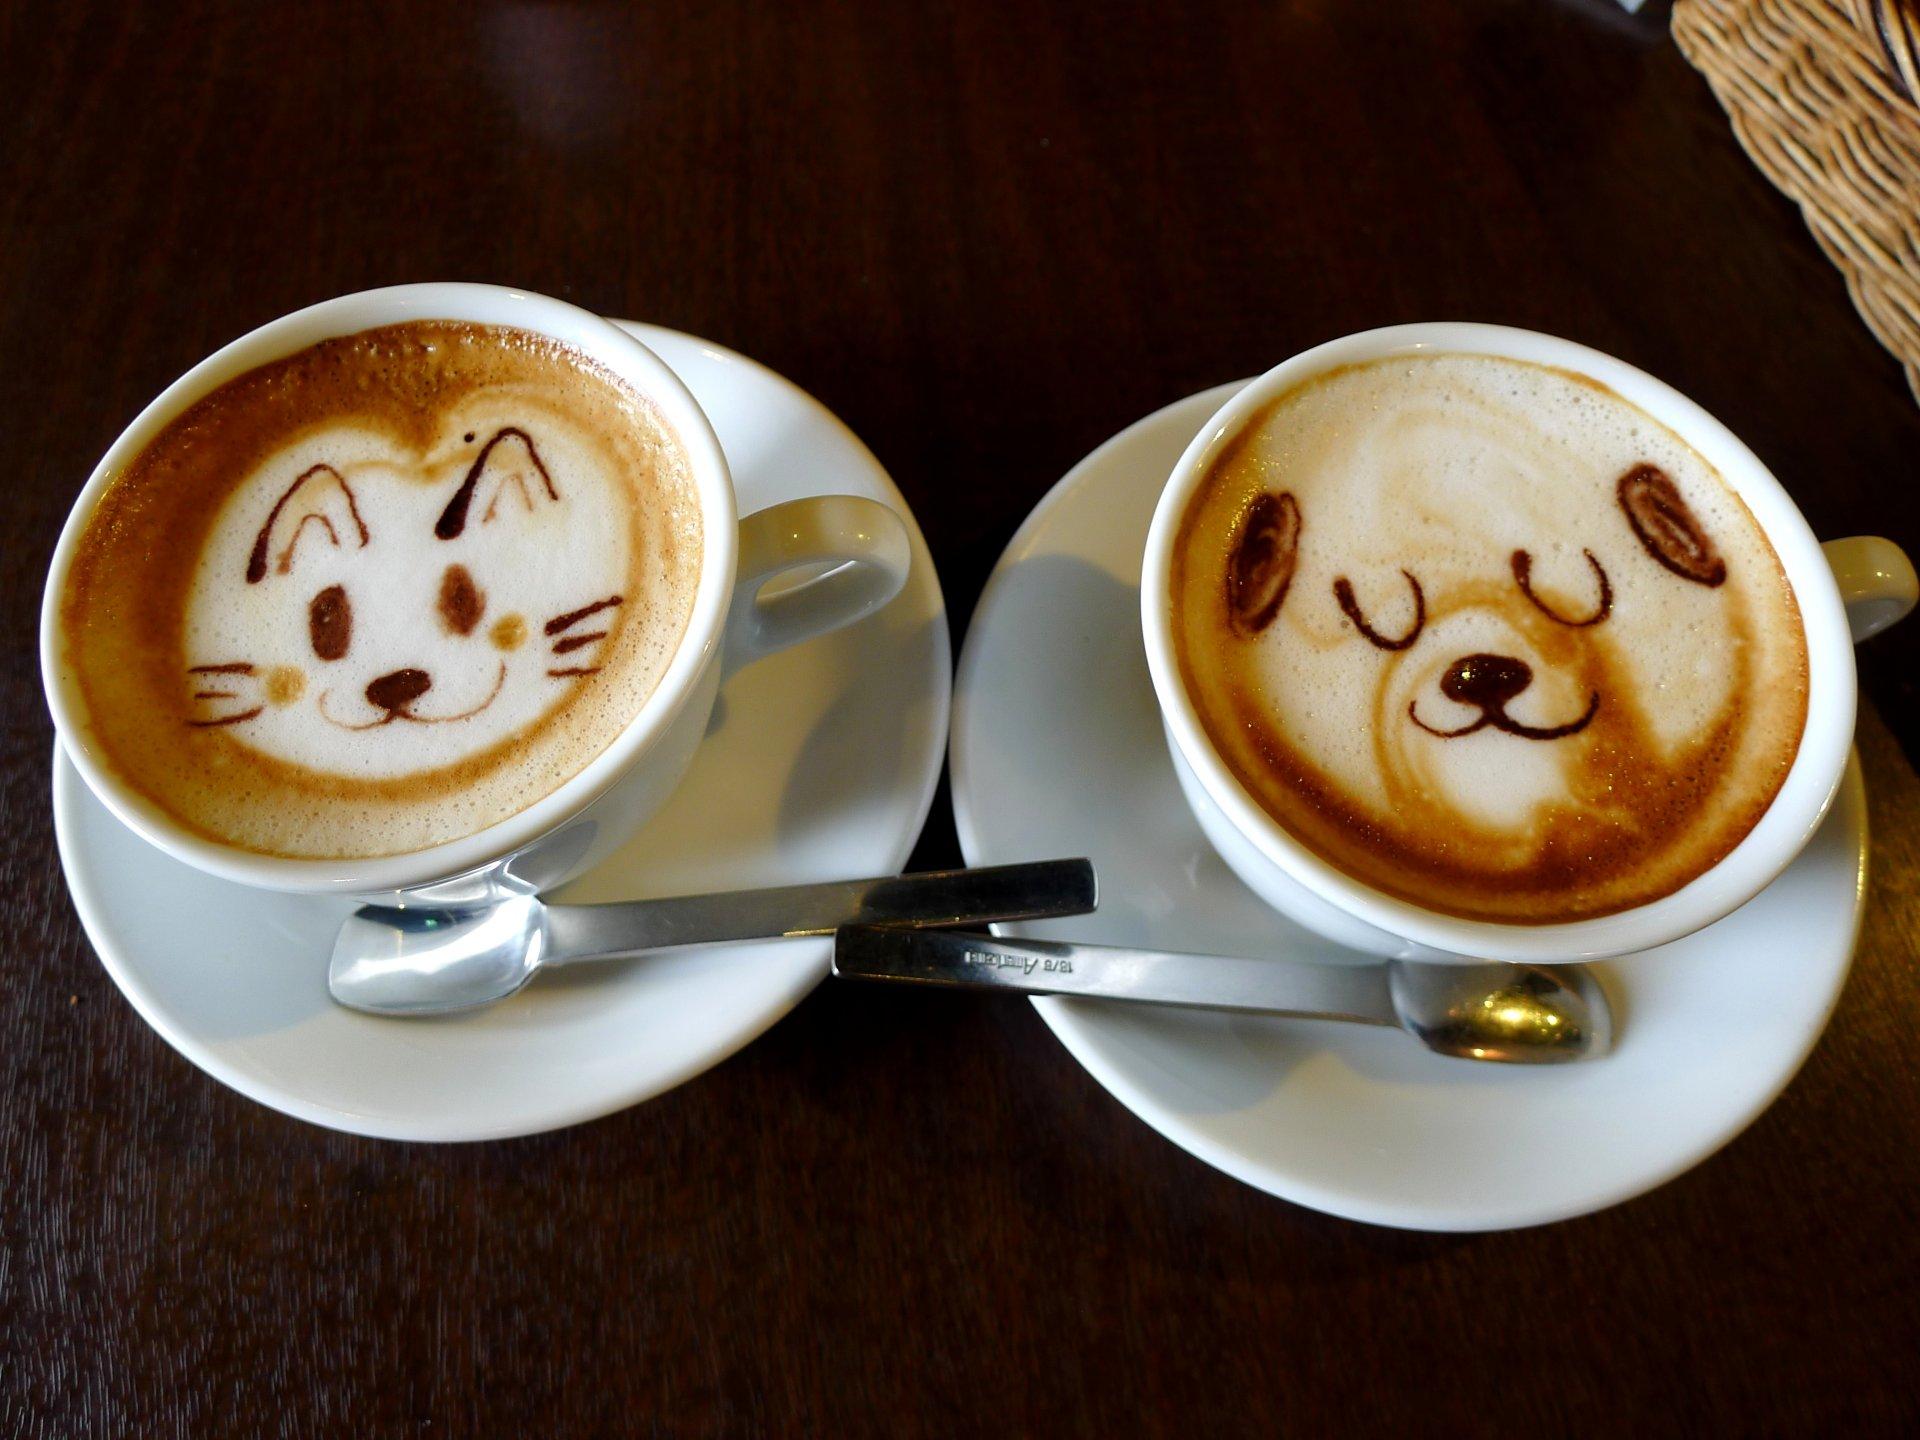 фото кофе в чашке для настроения